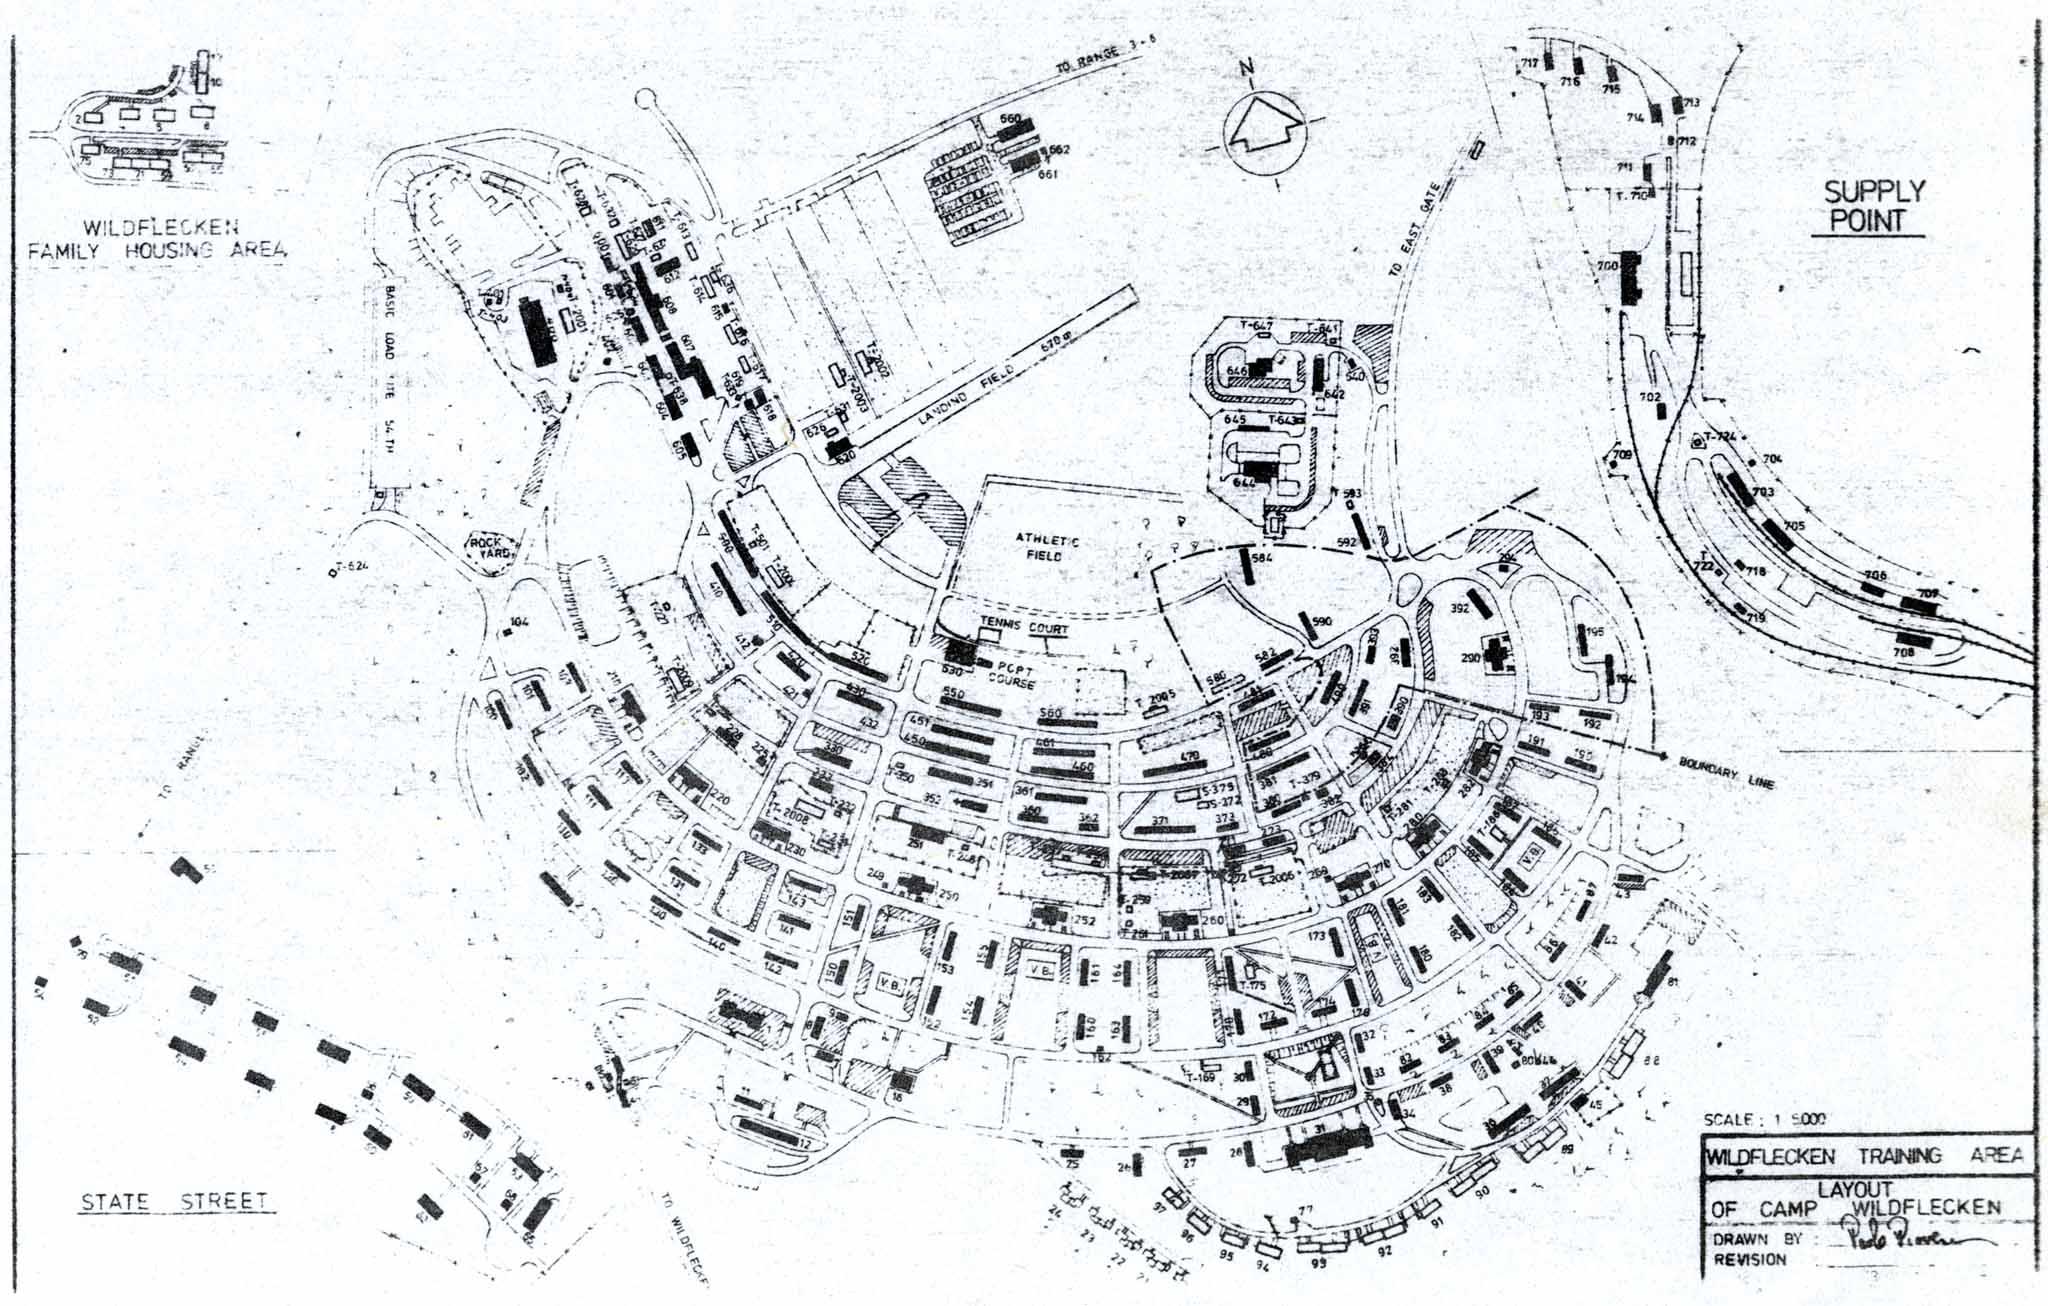 Usareur Installation Maps